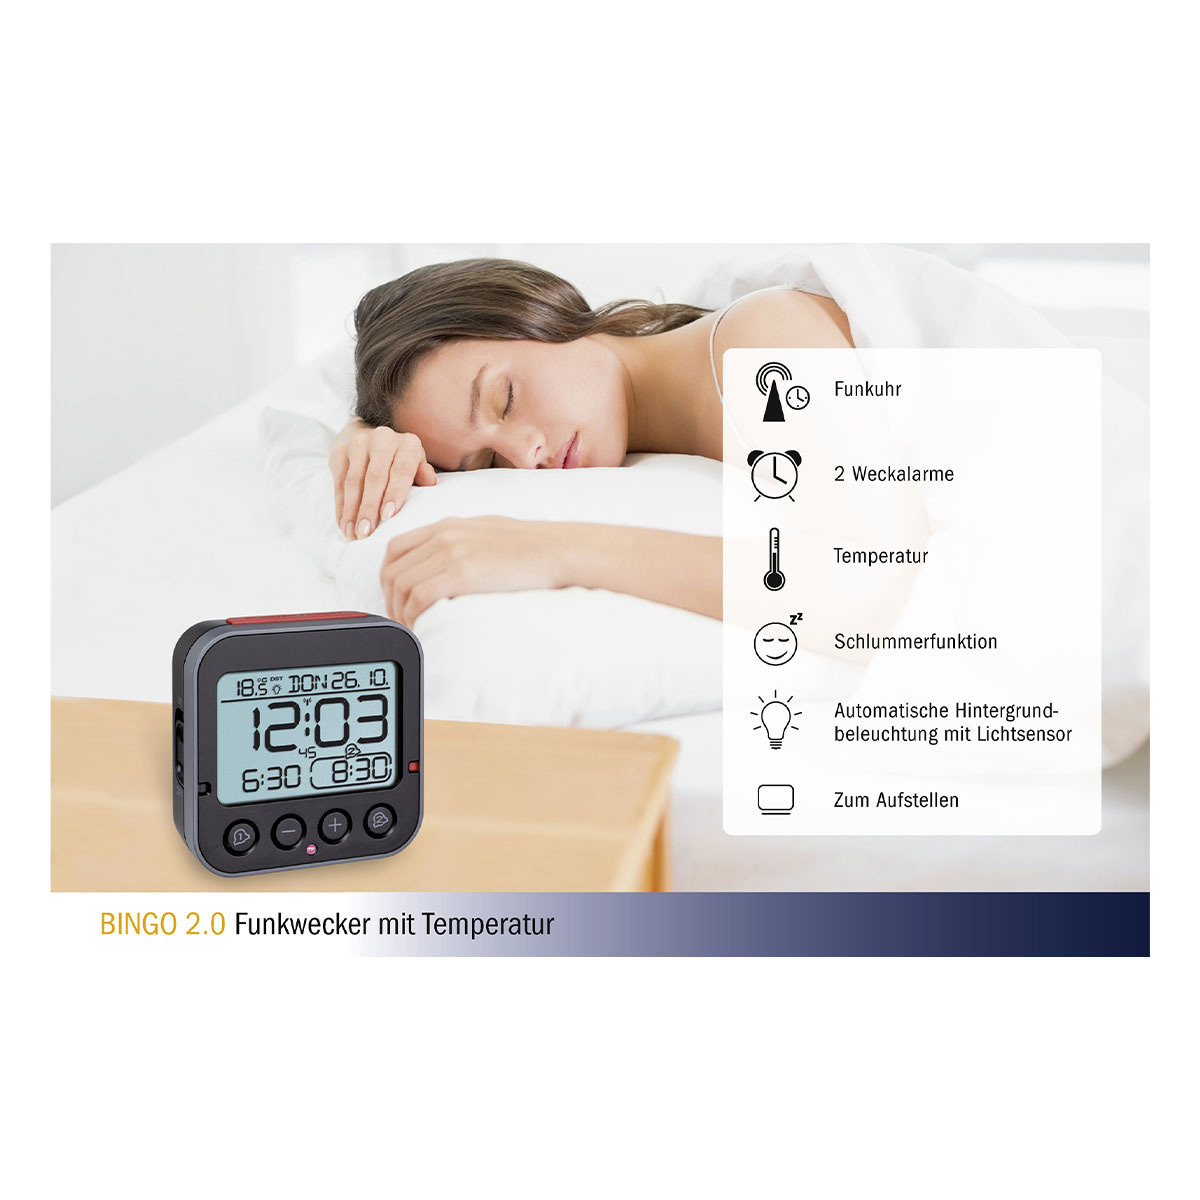 60-2550-01-digitaler-funk-wecker-mit-temperatur-bingo-2-0-icons-1200x1200px.jpg